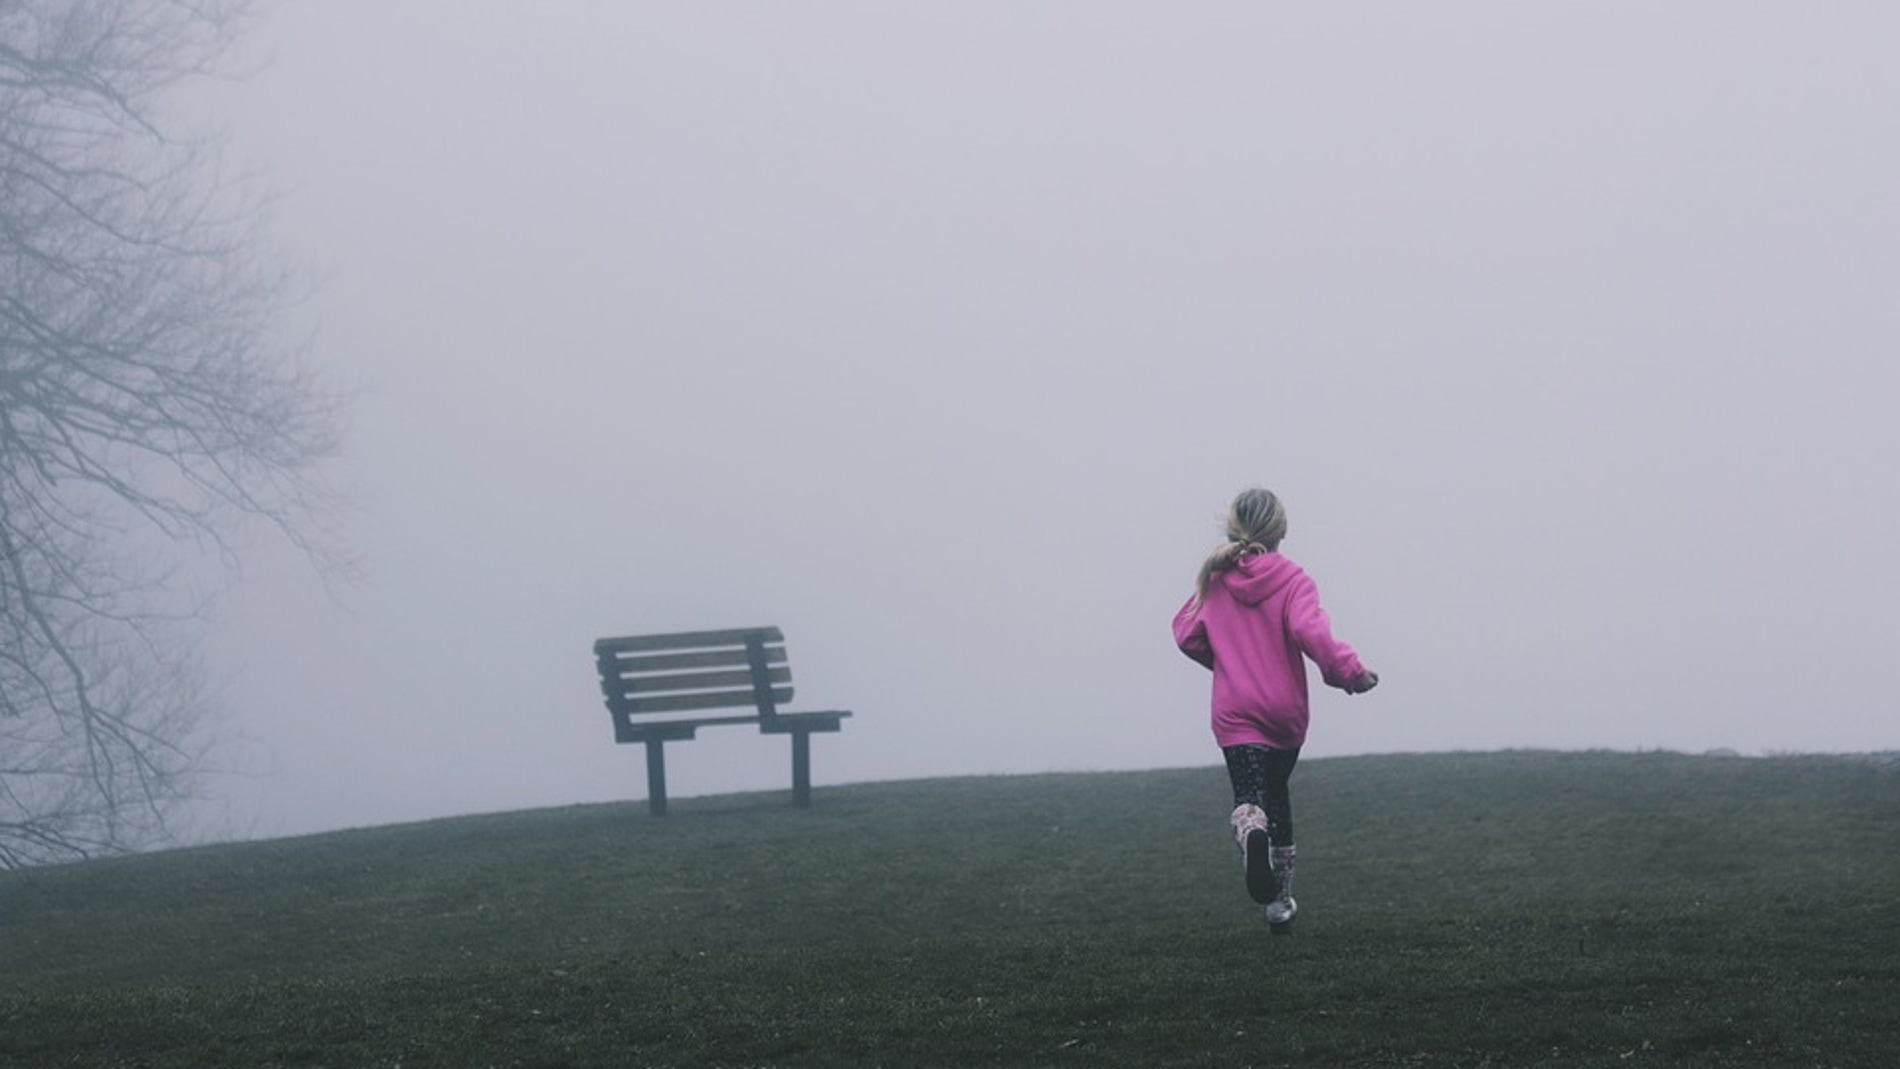 Niña corriendo sola en un parque